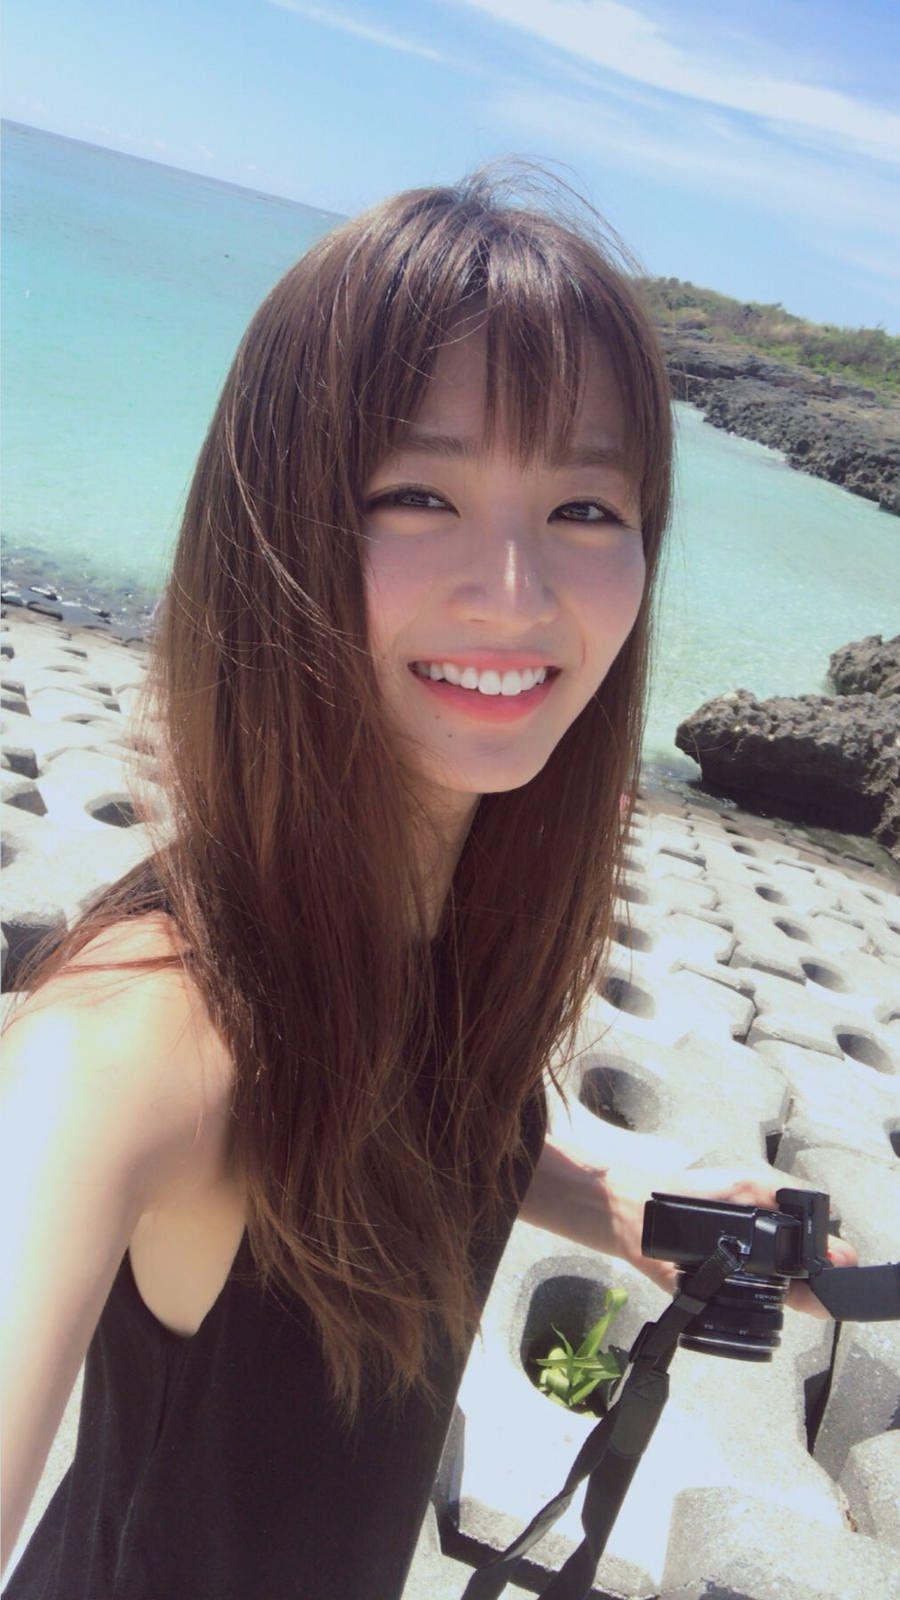 岡崎紗絵 Ray専属モデルの青年誌、初水着グラビア画像10枚 Fasion Asian Beauty And